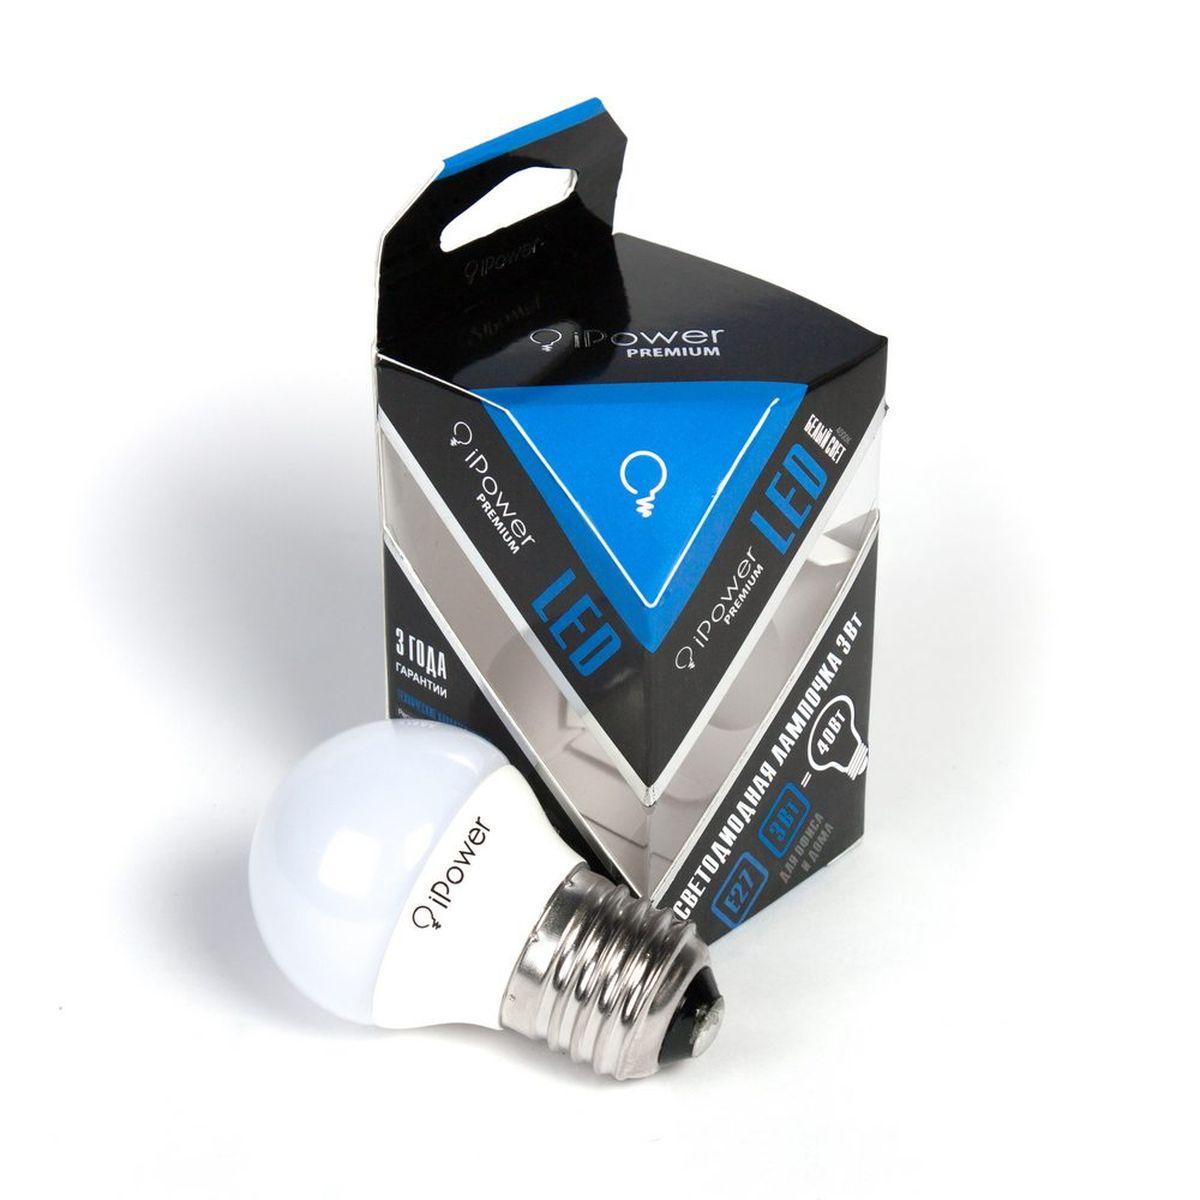 Лампа светодиодная IPower Premium, LED, цоколь Е27, 3W, 4000К белый свет1001961Светодиодная лампочка iPower Premium IPPB3W4000KE27 LED лампочка iPower Premium имеет очень низкое энергопотребление, в сравнении с лампами накаливания LED потребляет в 12 раз меньше электричества, а в сравнении с энергосберегающими в 2-4 раз меньше. При этом срок службы LED лампочки в 5 раз выше, чем энергосберегающей, и в 50 раз выше, чем у лампы накаливания. Светодиодные лампочки iPower создают мягкий рассеивающий свет без мерцания, что совершенно безопасно для глаз. Они специально разработаны по требованиям российских и европейских законов и подходят ко всем осветительным устройствам, совместимым со стандартным цоколем E27. Использование светодиодов от мирового лидера Epistar и предоставление 3 лет гарантии – залог надёжной и стабильной работы лампочки. Нейтральный белый оттенок свечения идеально подойдёт для освещения, как офисов, образовательных и медицинских учреждений, так и кухни, гостиной. Гарантия 36 мес. Диапазон рабочих температур от -50 до +50 °С ...